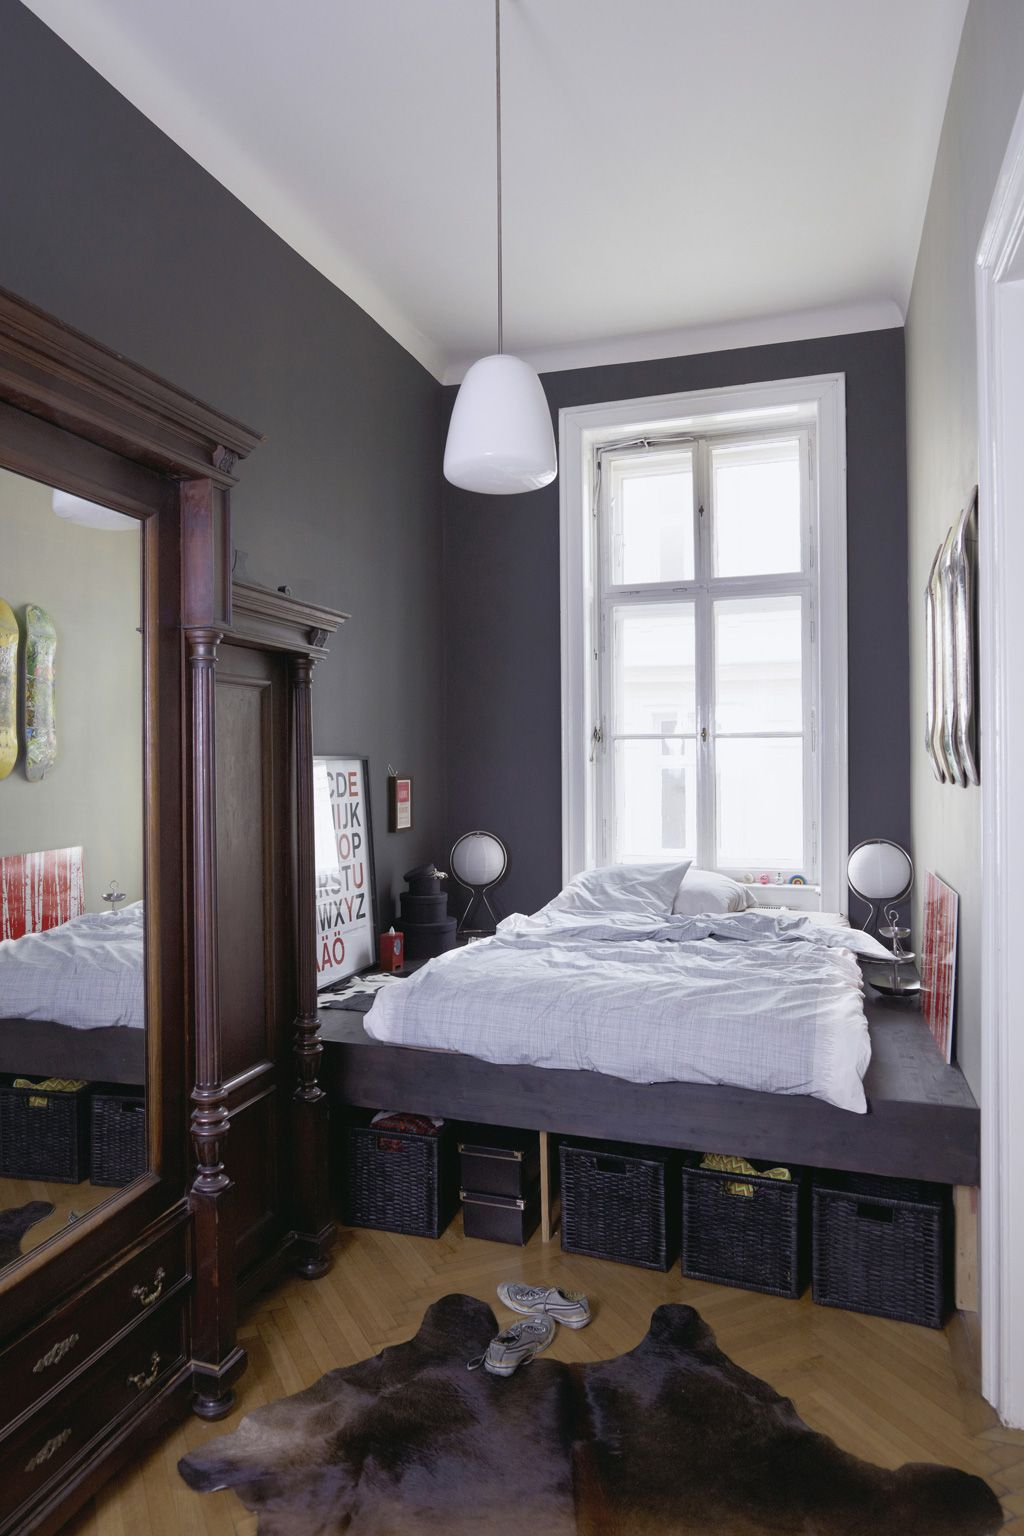 Nett Schmales Schlafzimmer Bilder >> Schmales Zimmer ...